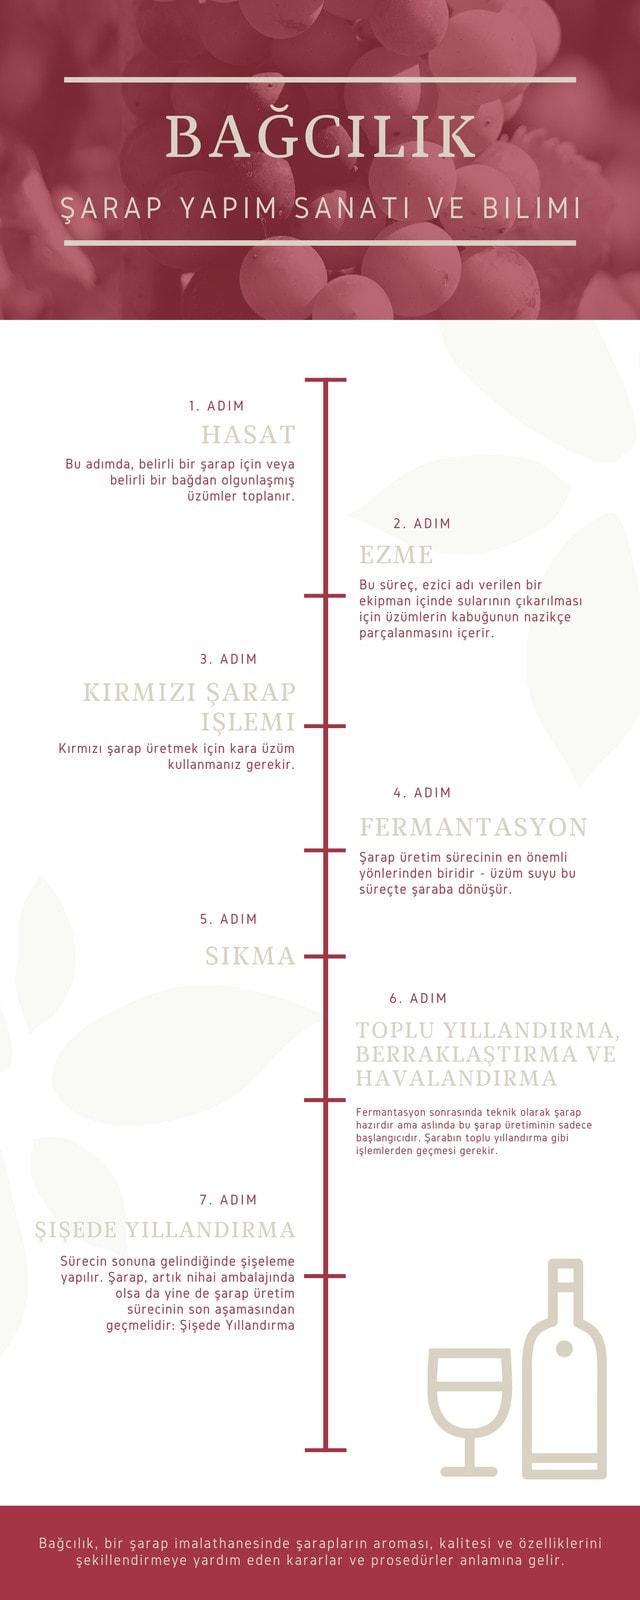 Sade Kırmızı Şarap Zaman Çizelgesi - İnfografik